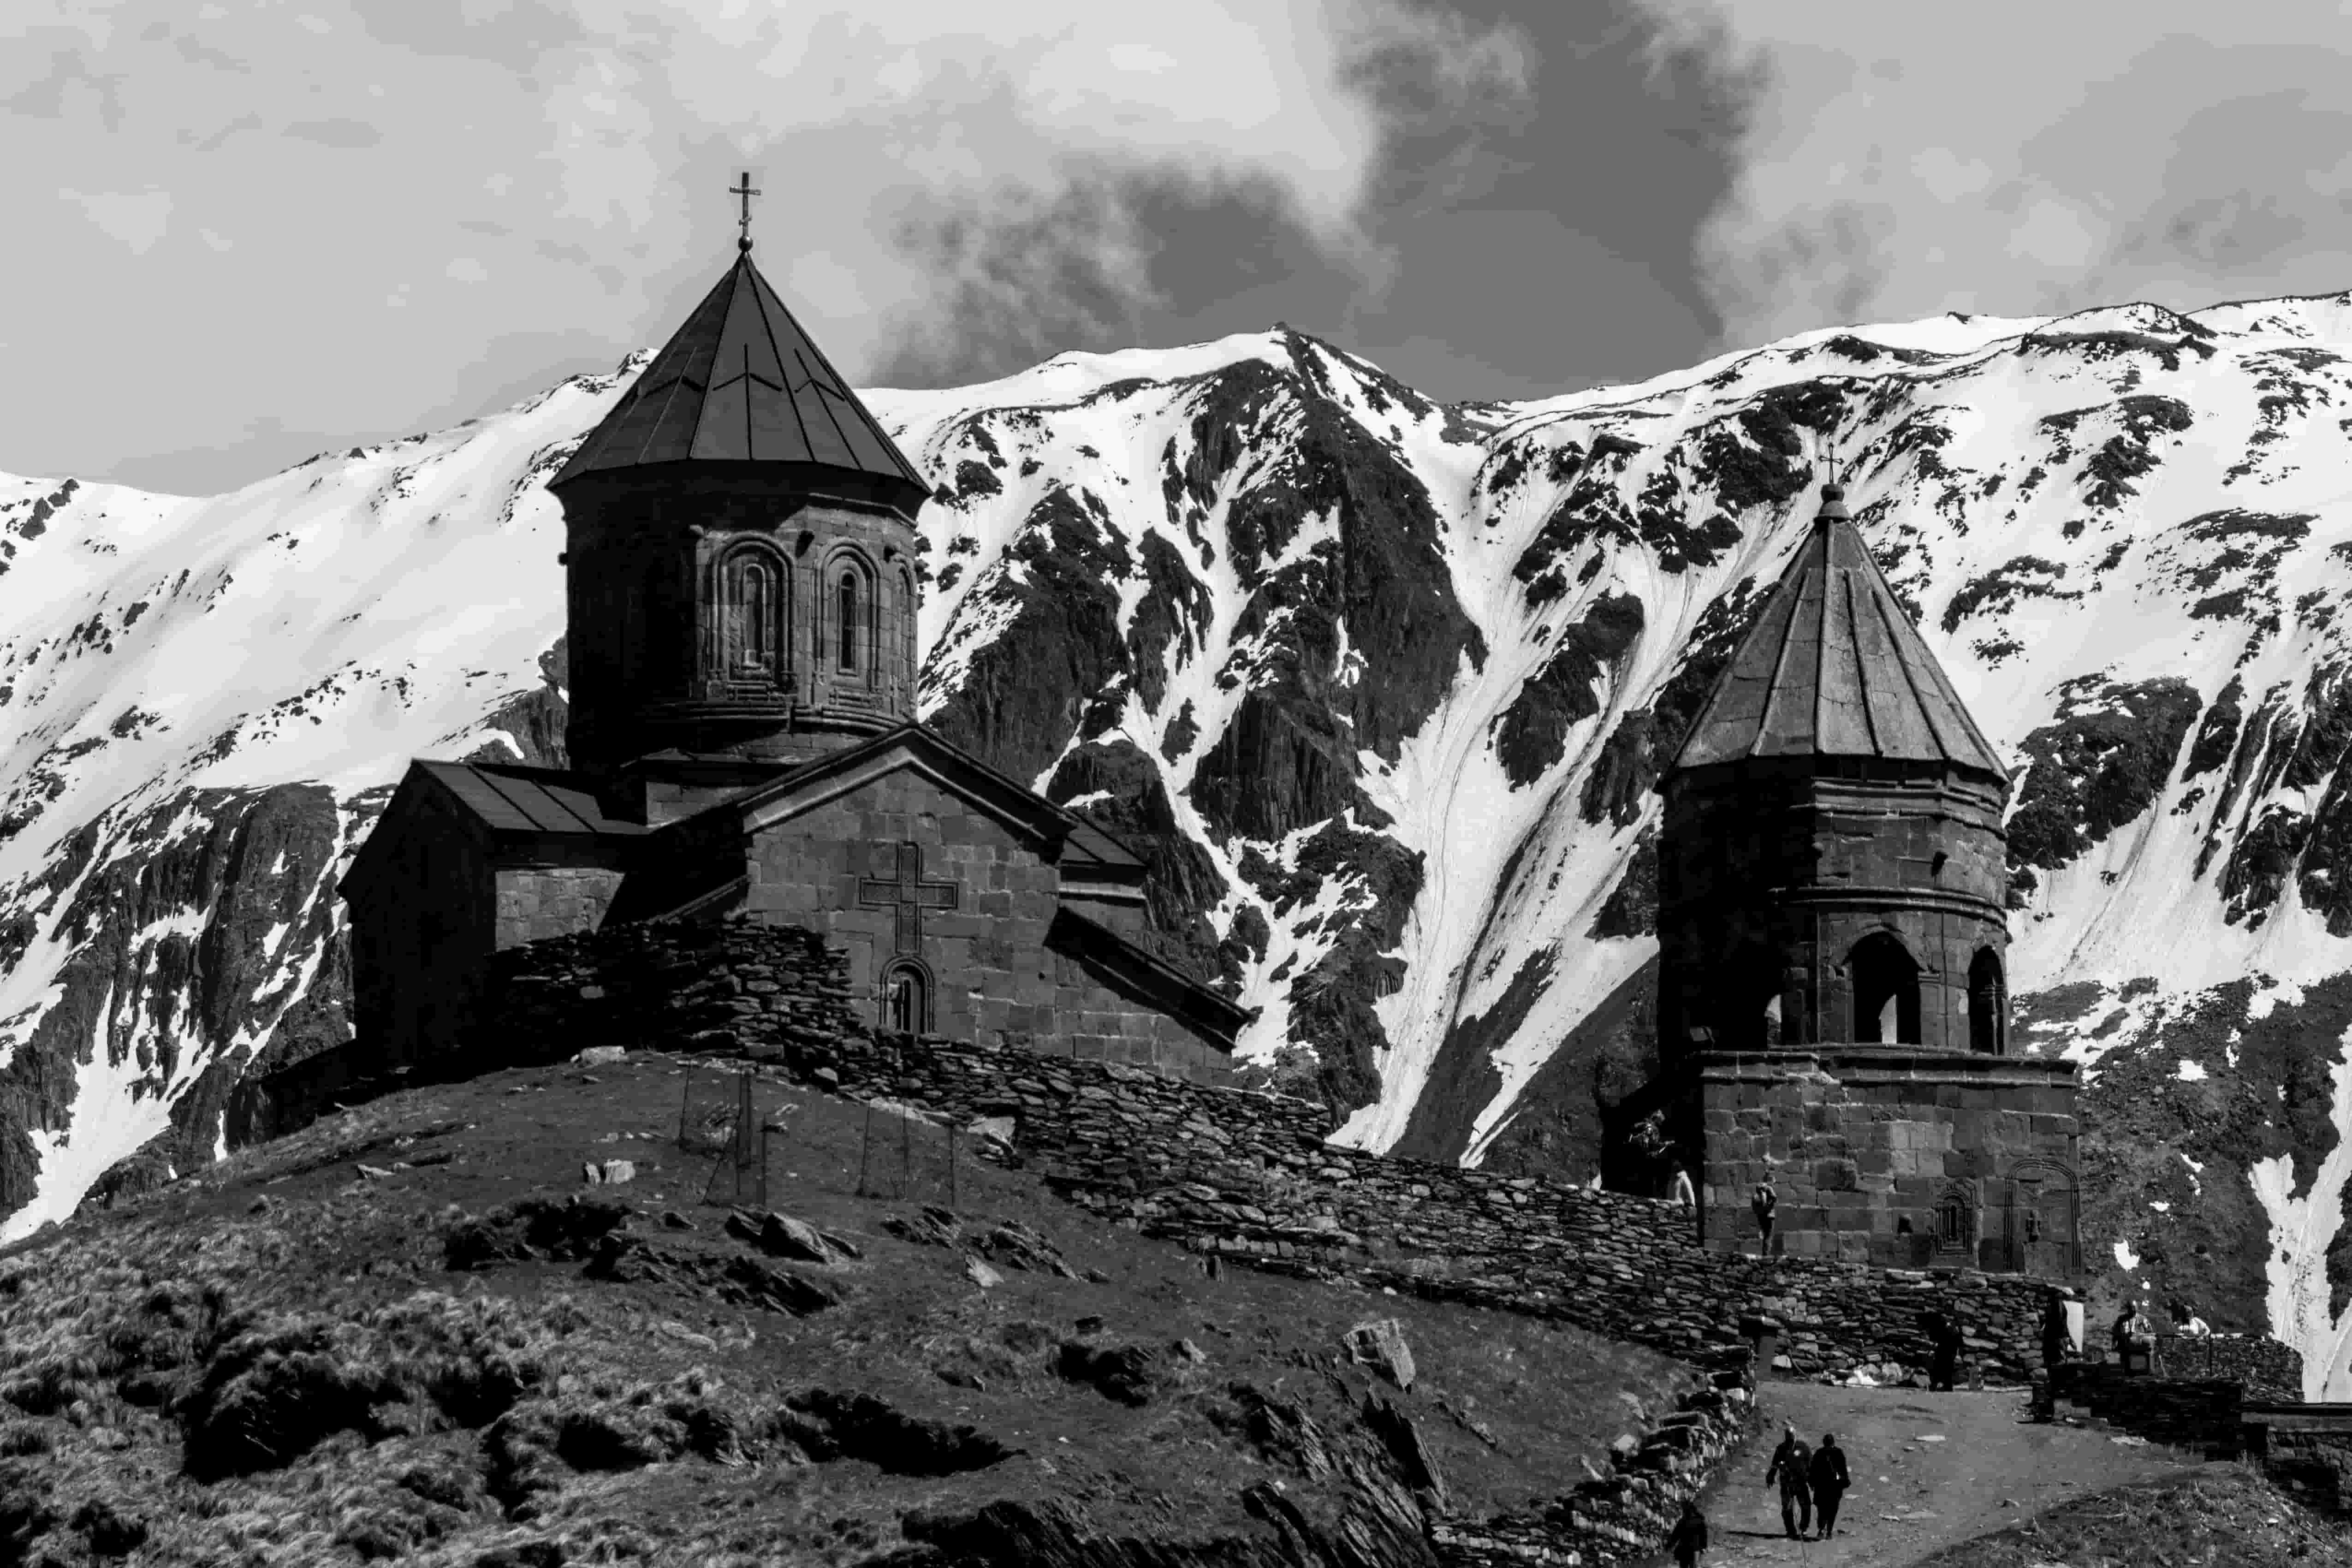 Храм Святой Троицы, Троицкий храм в Гергети, храм в горах Грузии